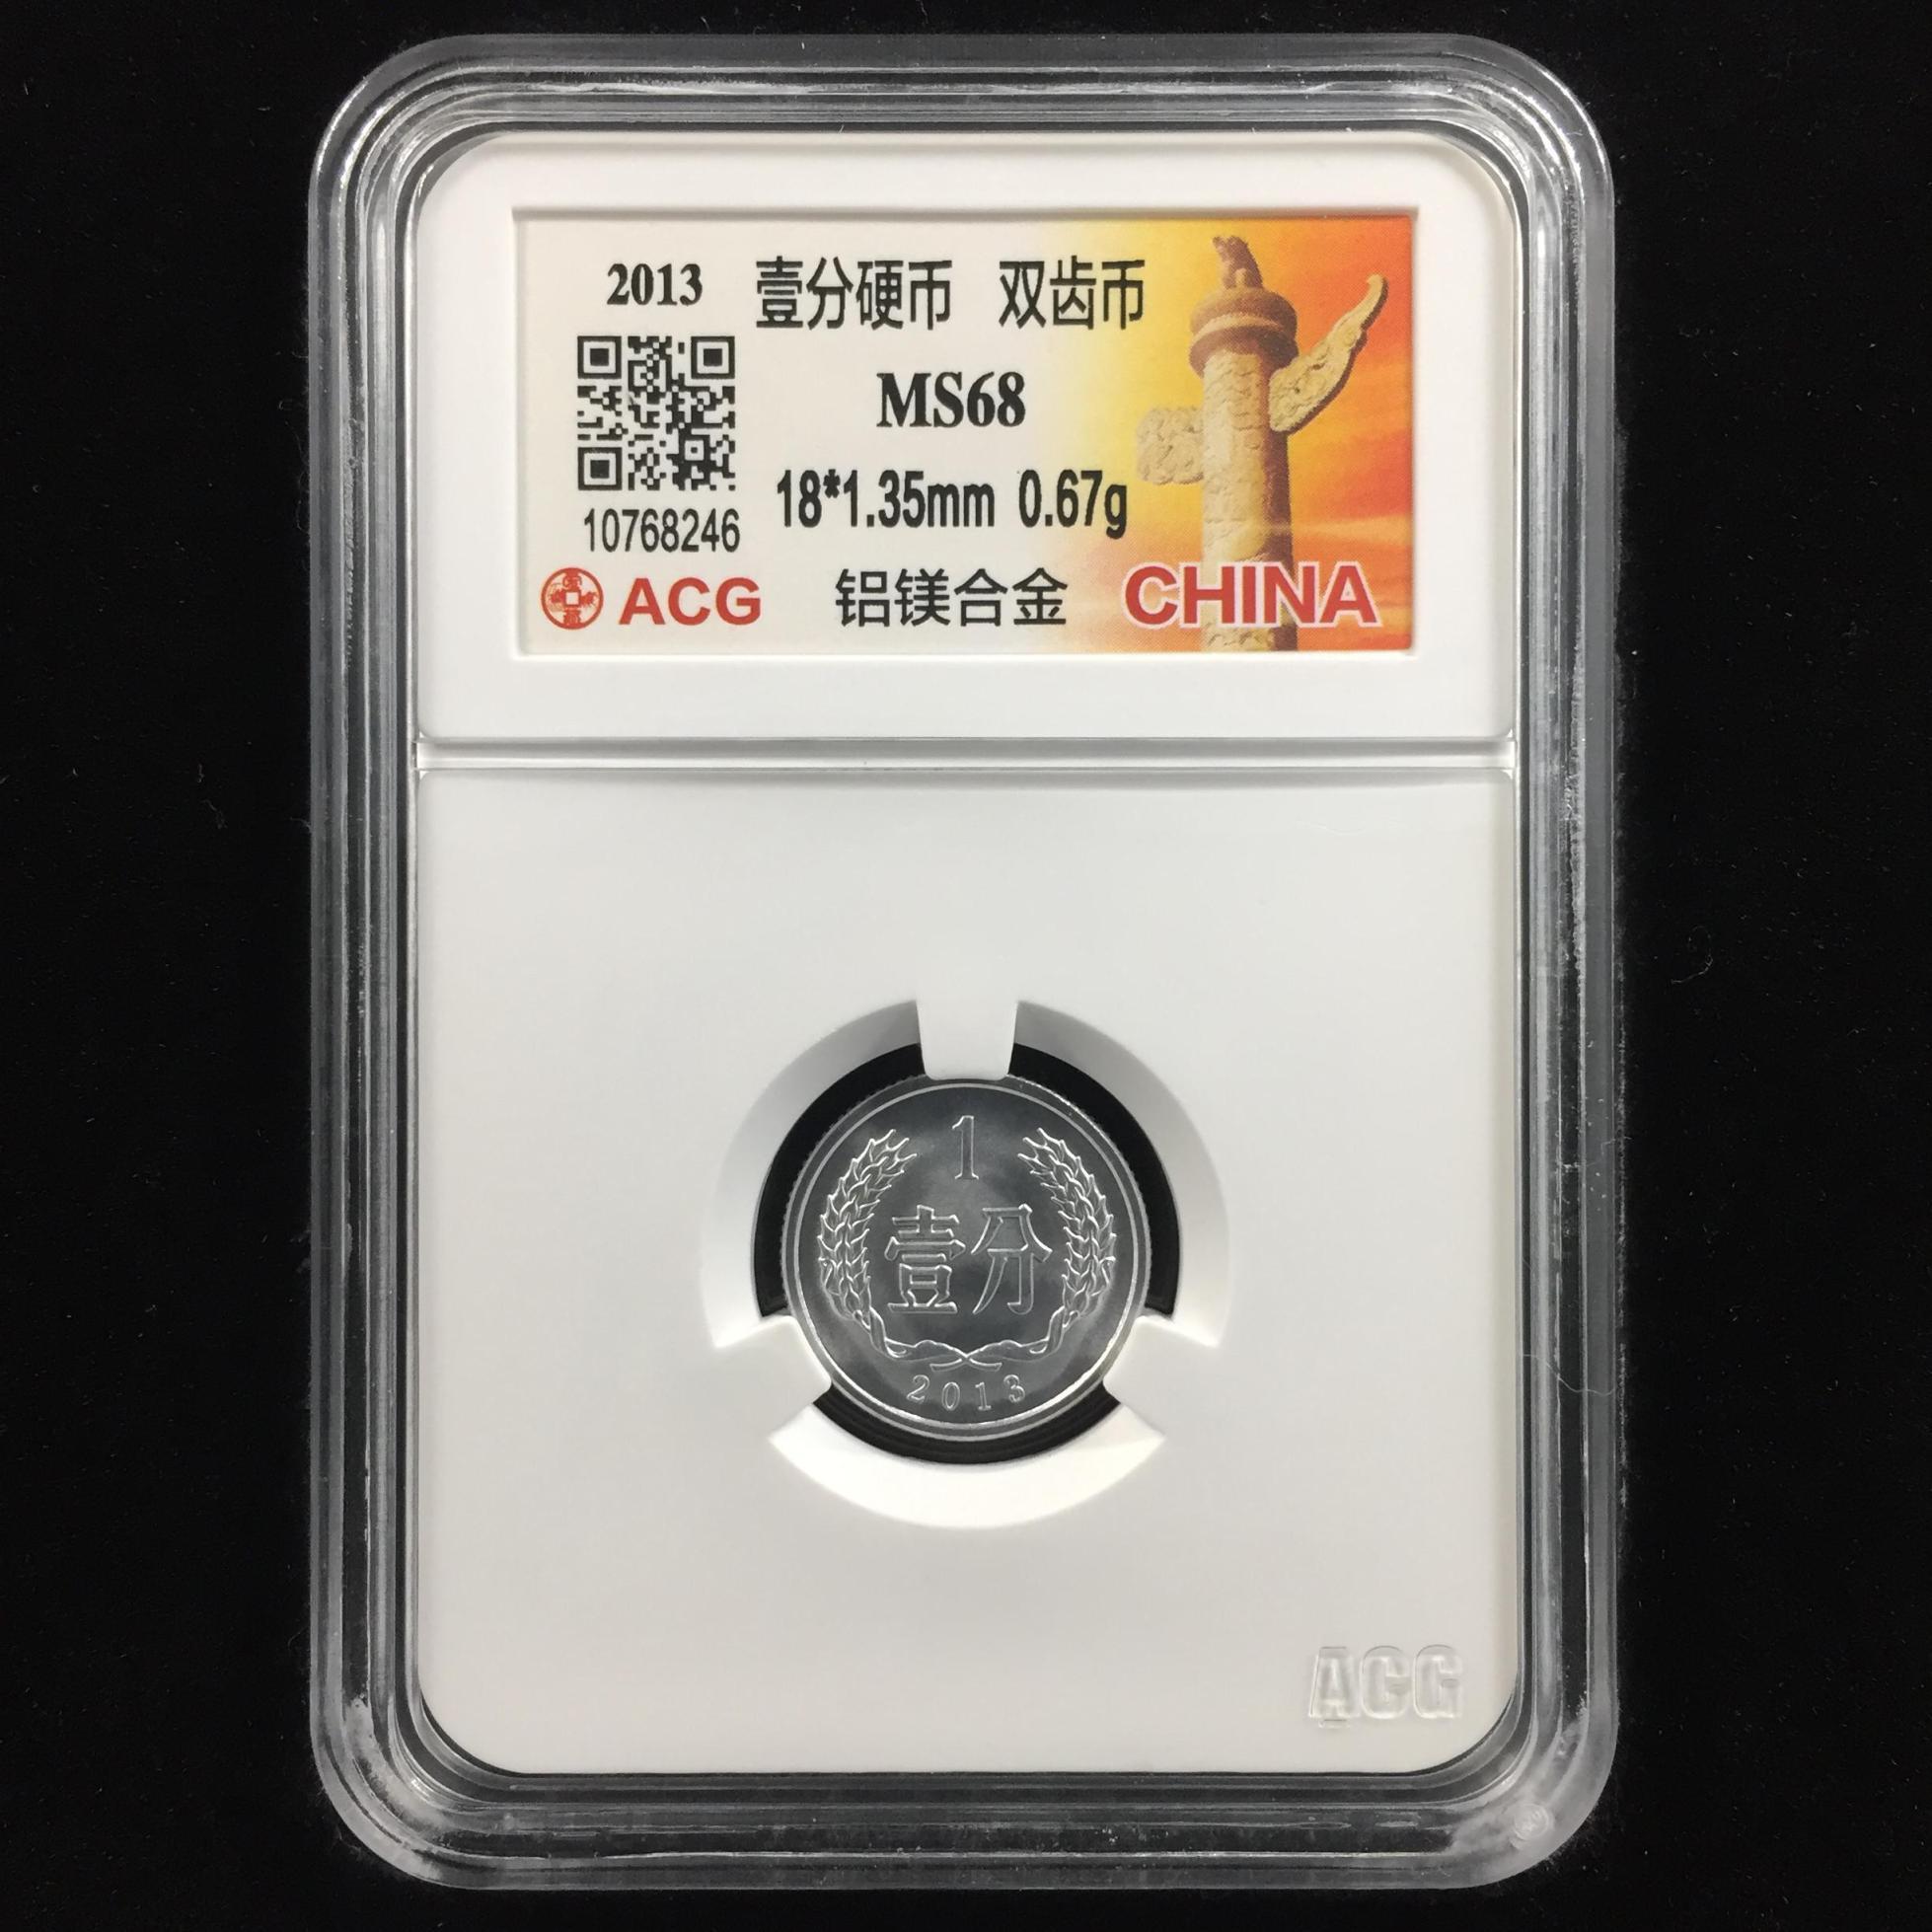 双齿币→2013年1分硬币→ACG鉴定证书-10768246